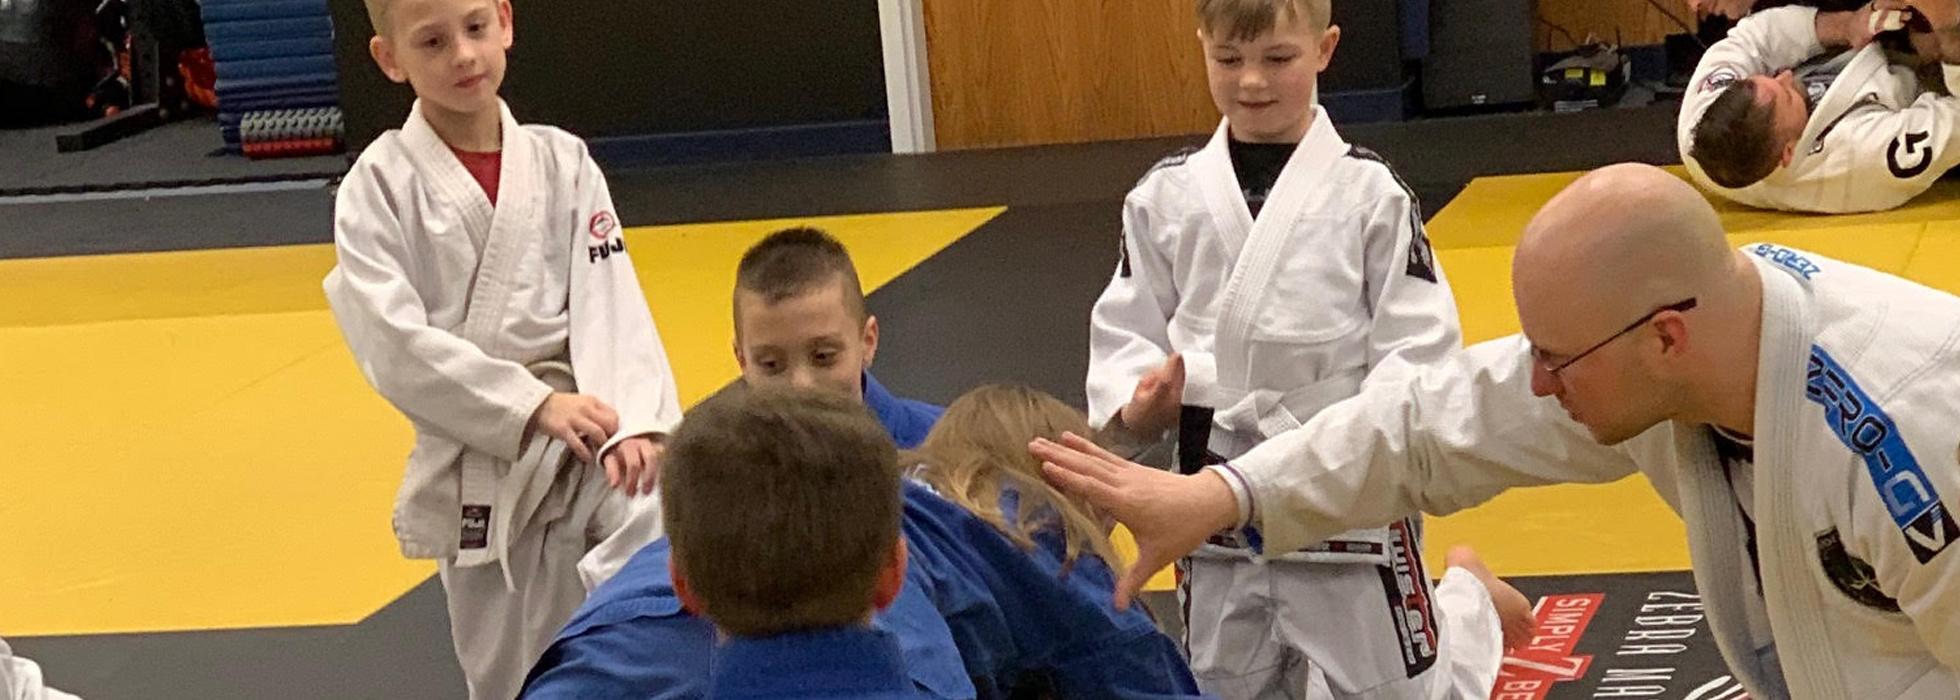 Kids Brazilian Jiu Jitsu in Oshkosh, WI close to Fox Cities